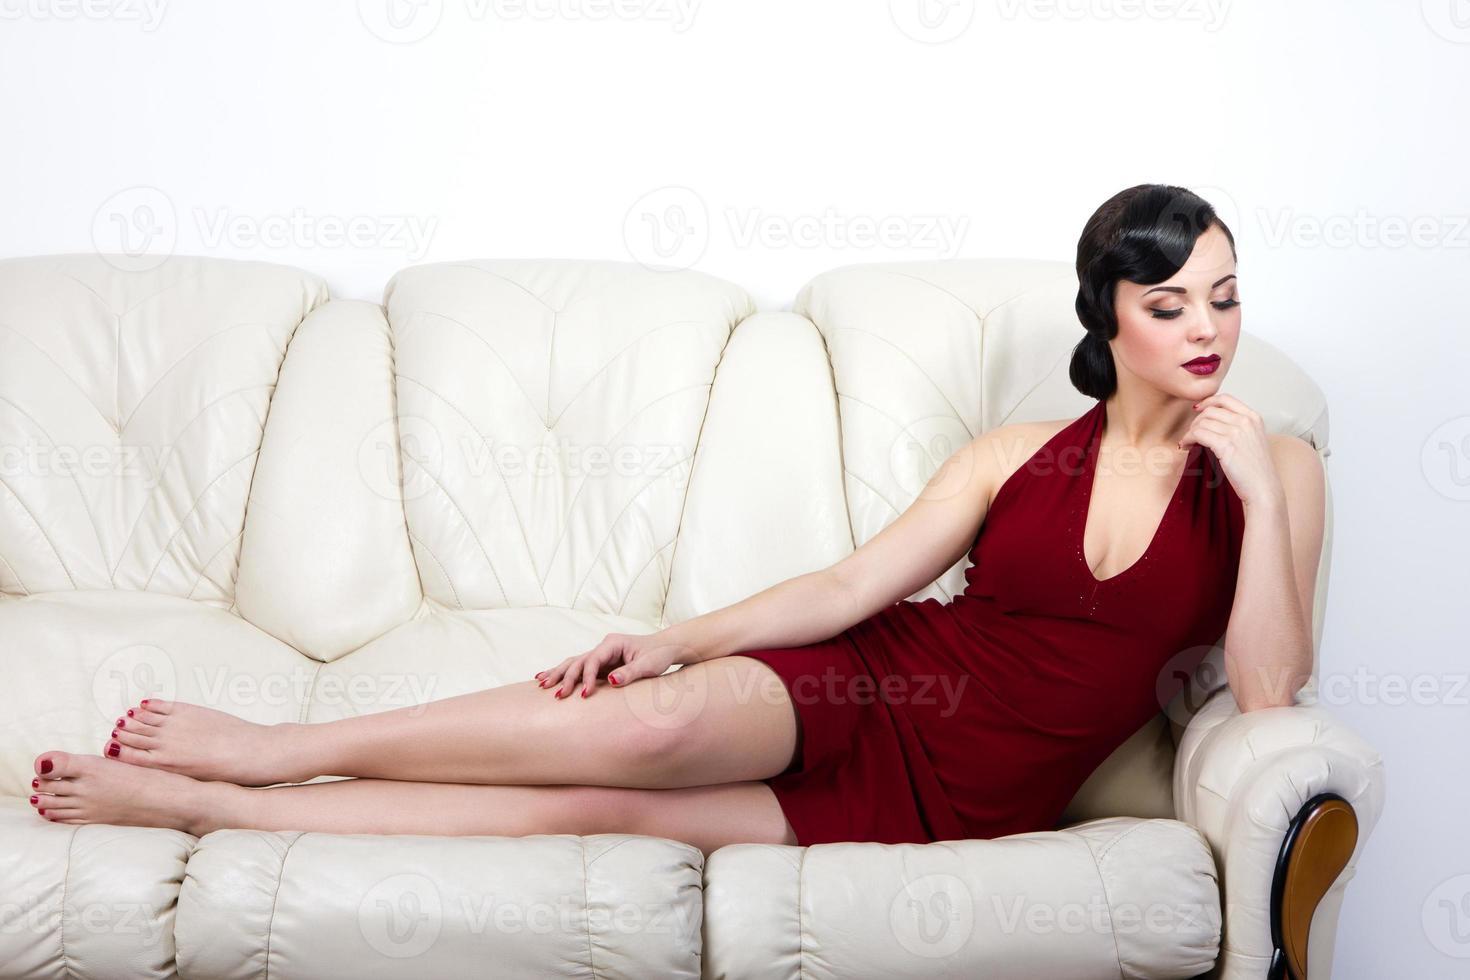 retro-stijl brunette vrouw liggend op de bank foto